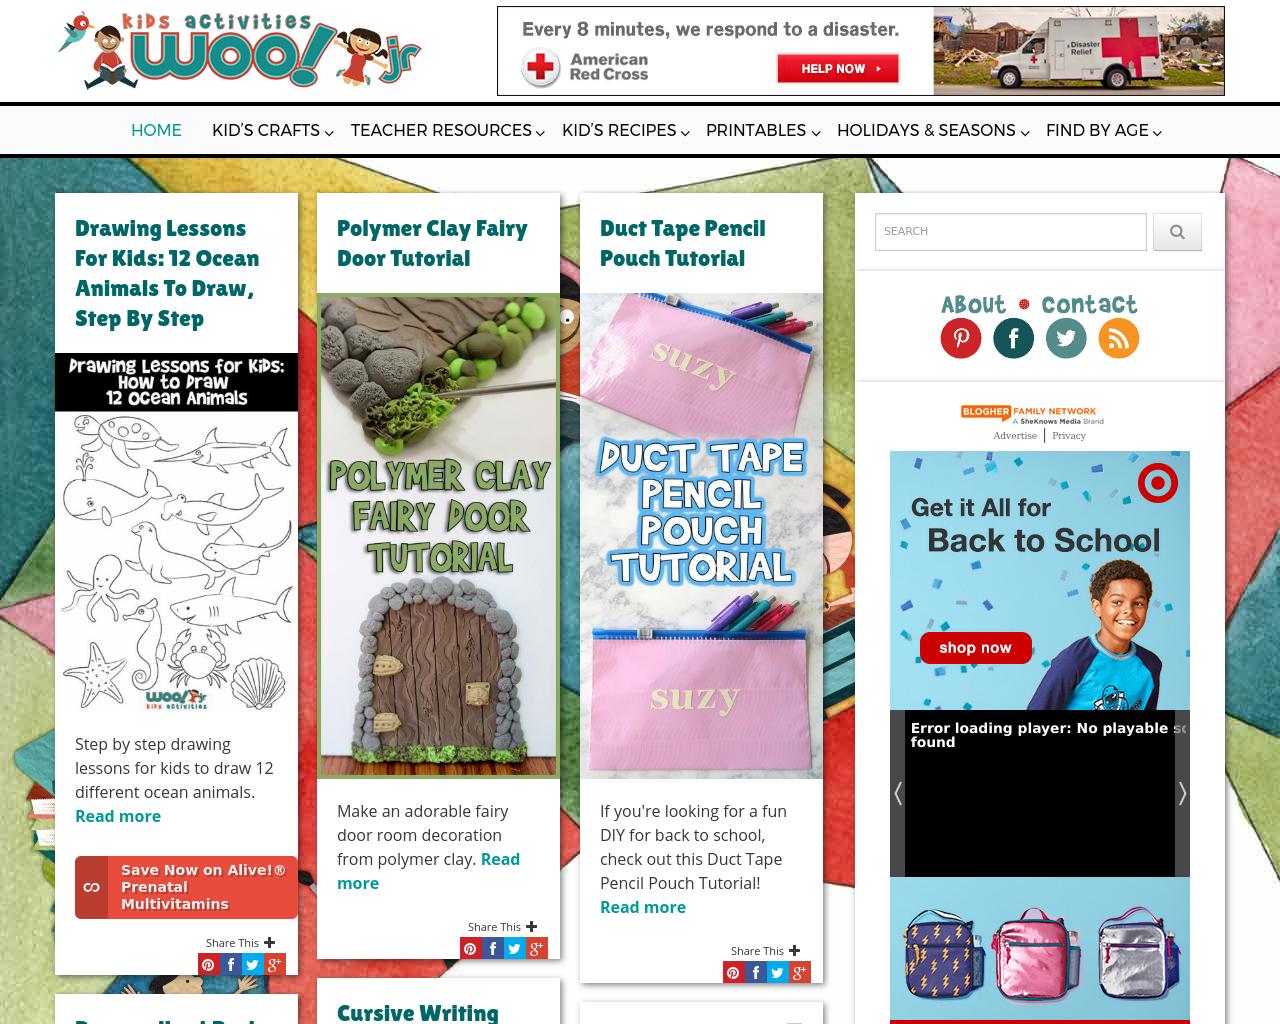 Woo!-Jr.-Kids-Activities-Advertising-Reviews-Pricing